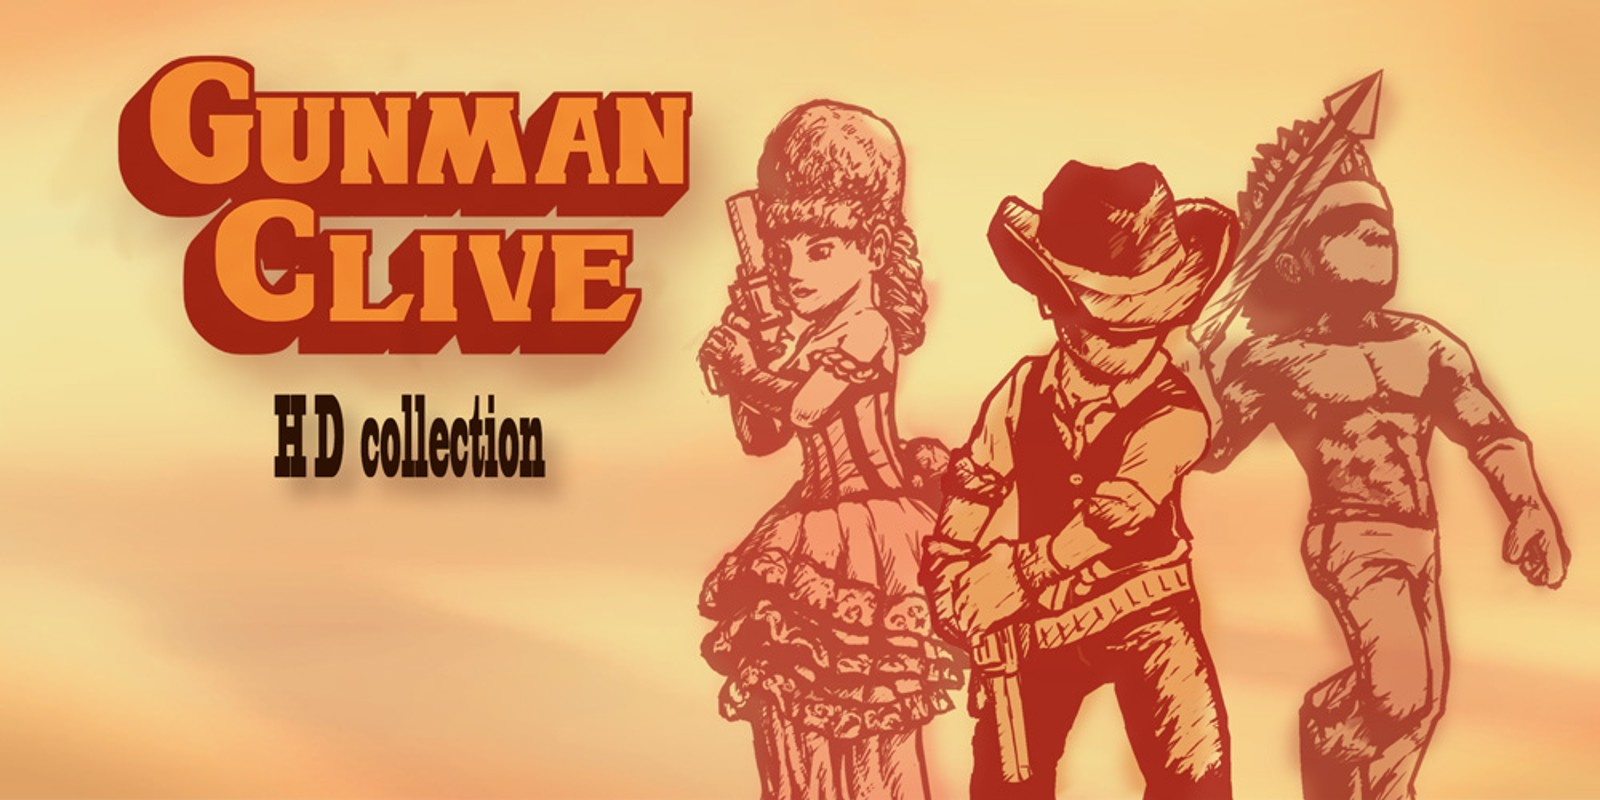 Resultado de imagen de Gunman clive collection Switch nintendo